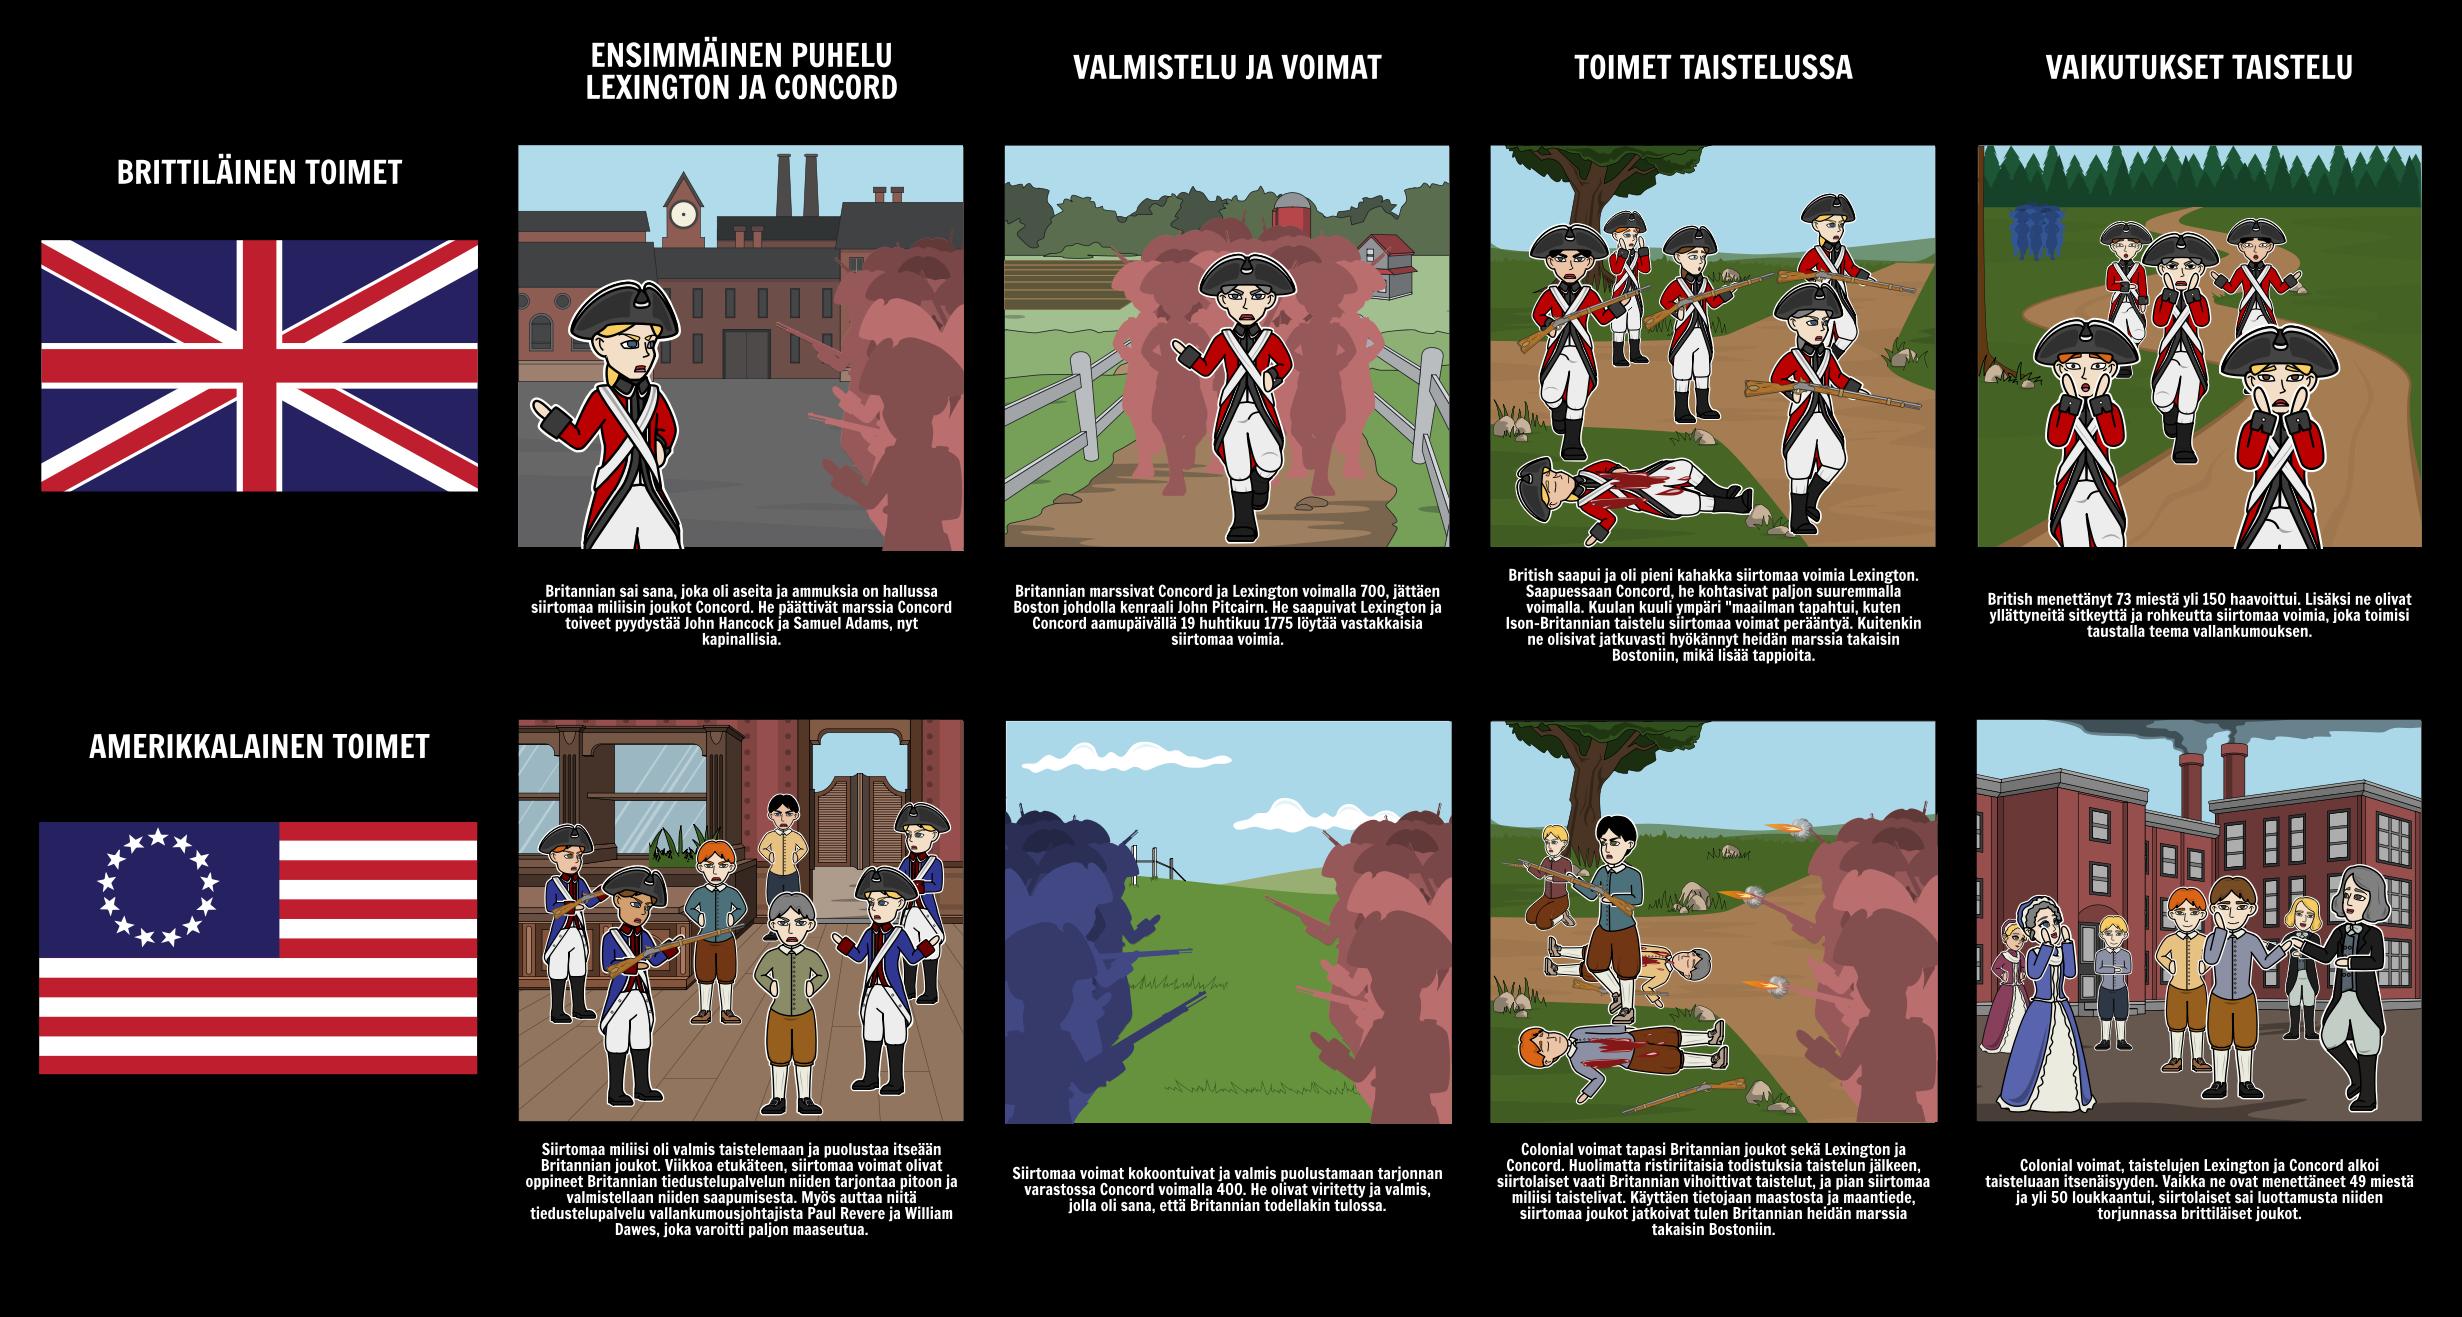 Taistelun Lexington ja Concord